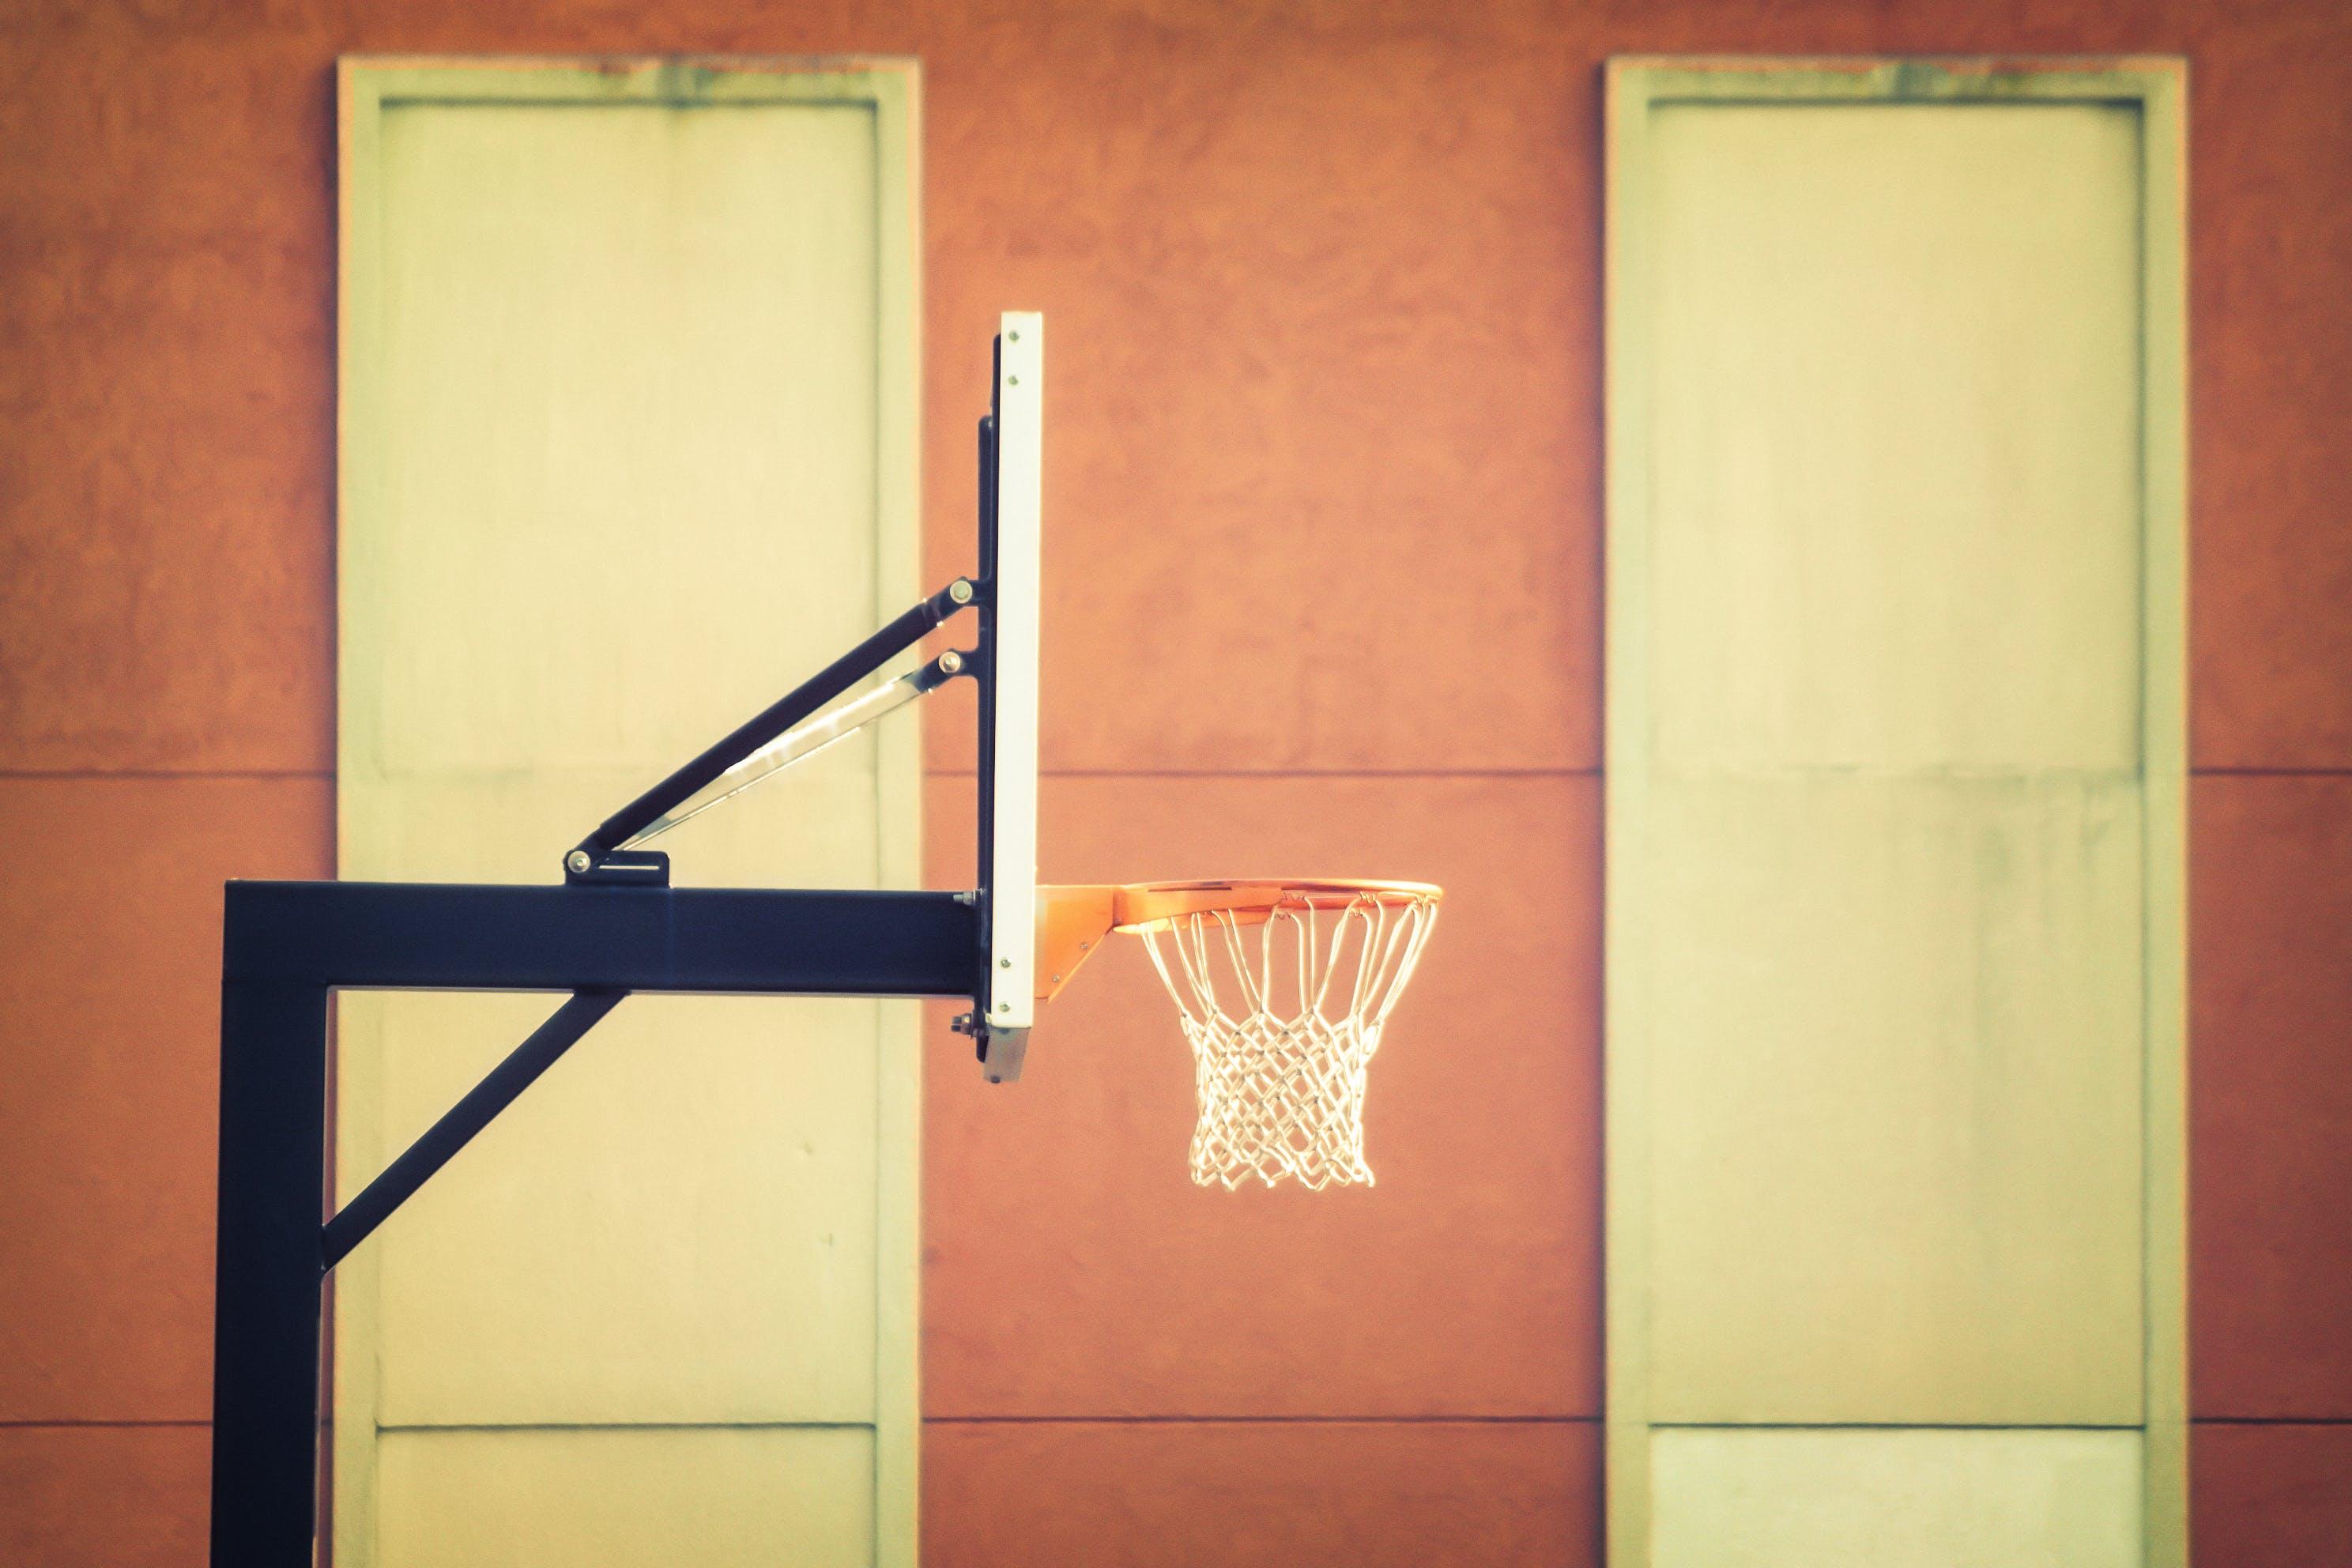 Kostnadsfri bild av basketkorg, inomhus, interiör, nät